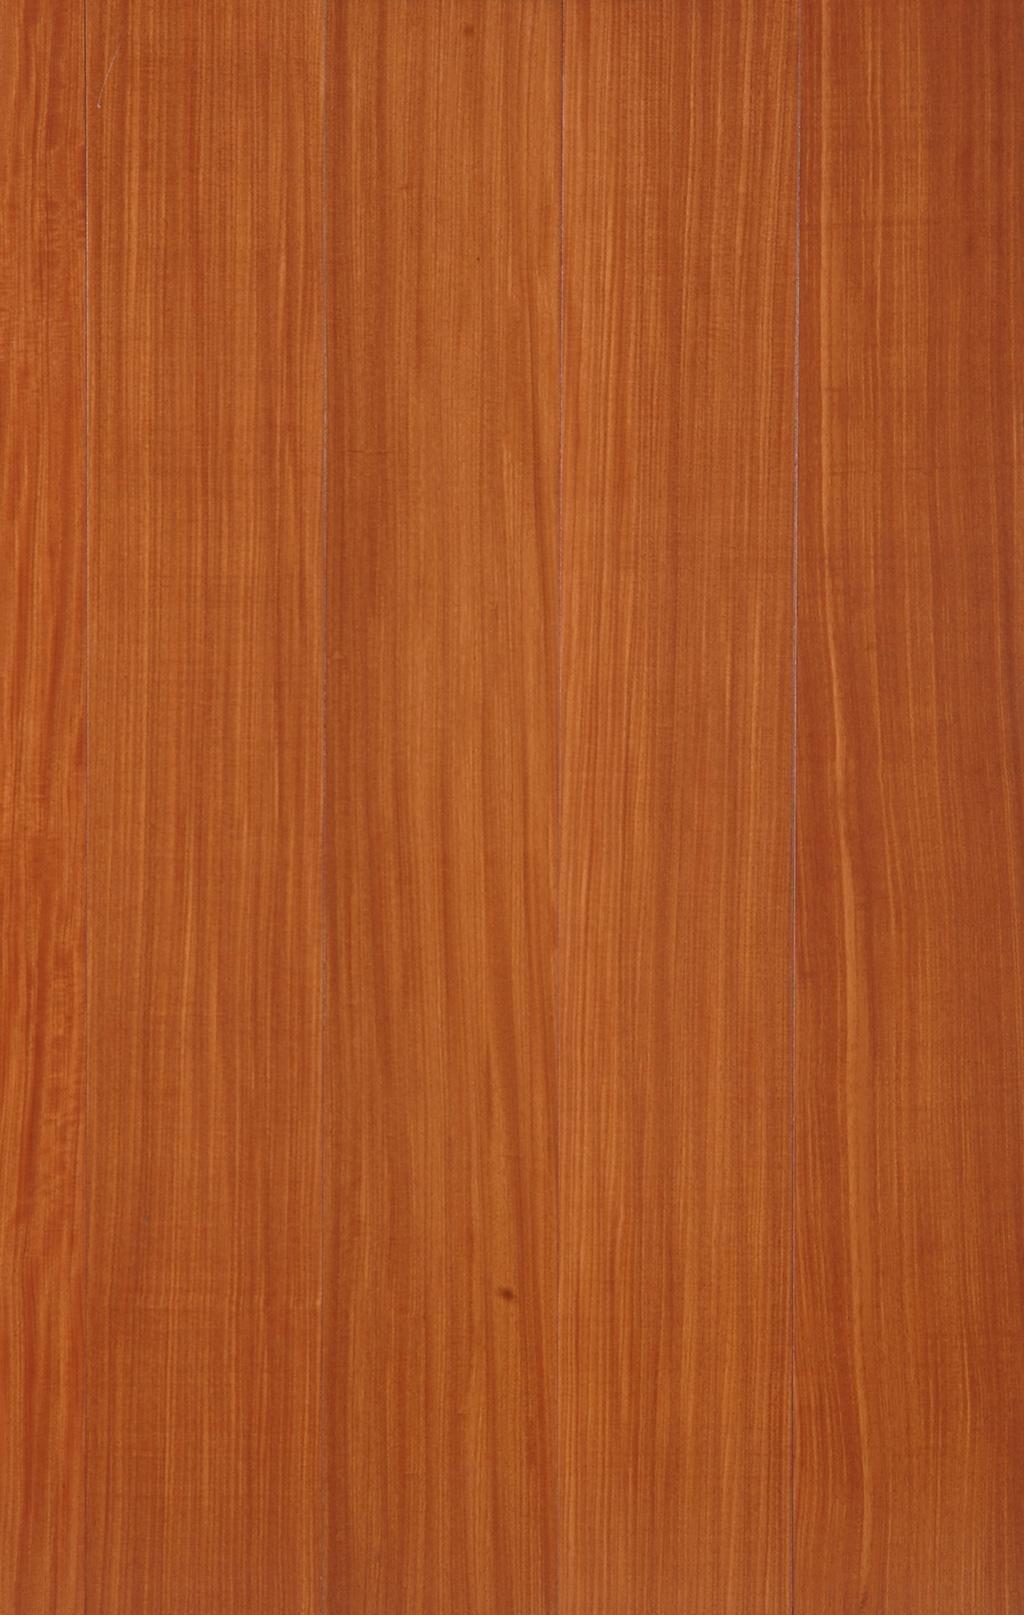 新生活家实木复合地板-普通板-大美木豆-01大美木豆